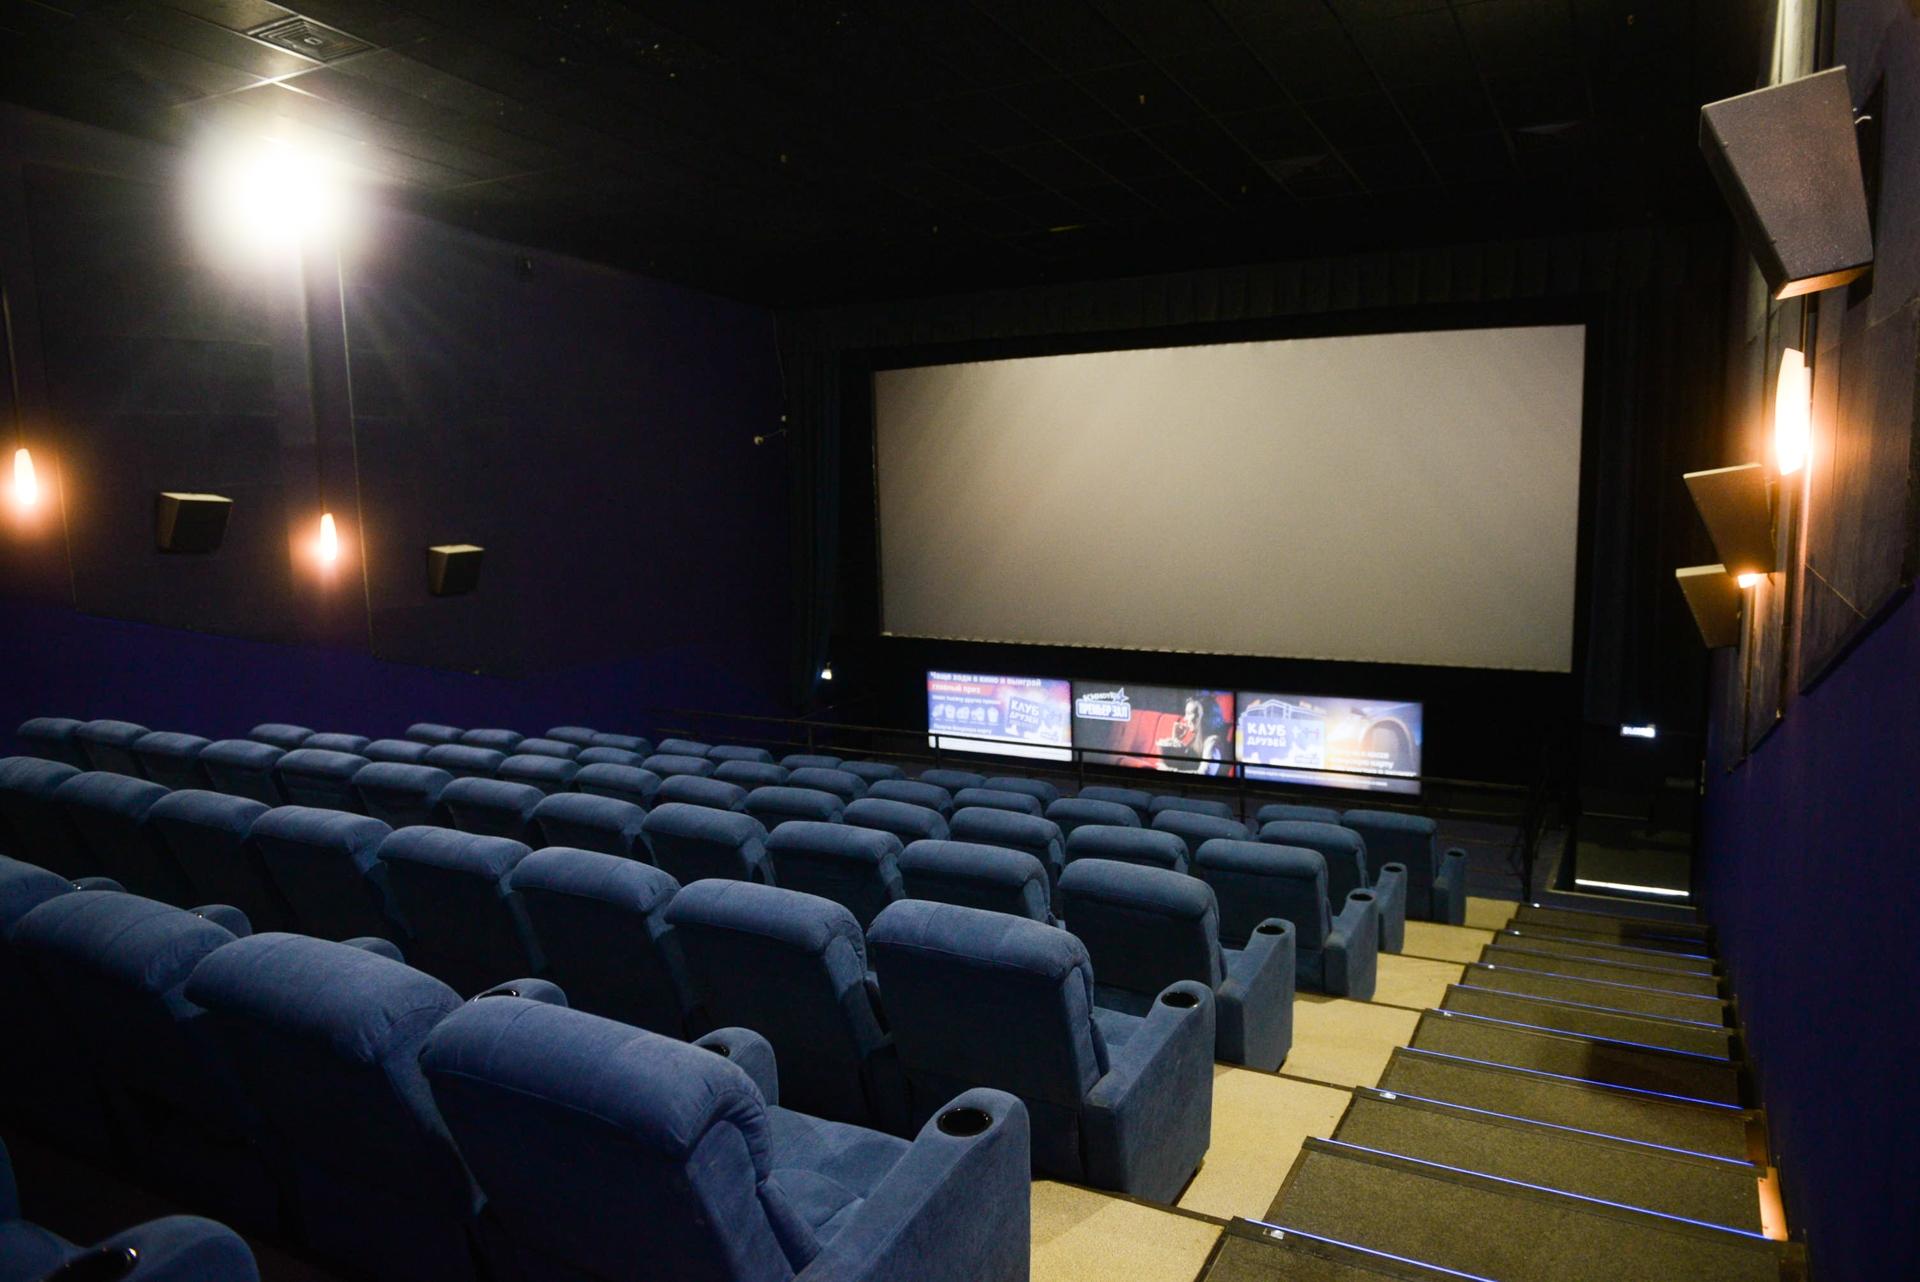 ВНовороссийске закроют кинотеатры, сауны, ночные клубы идругие заведения для отдыха